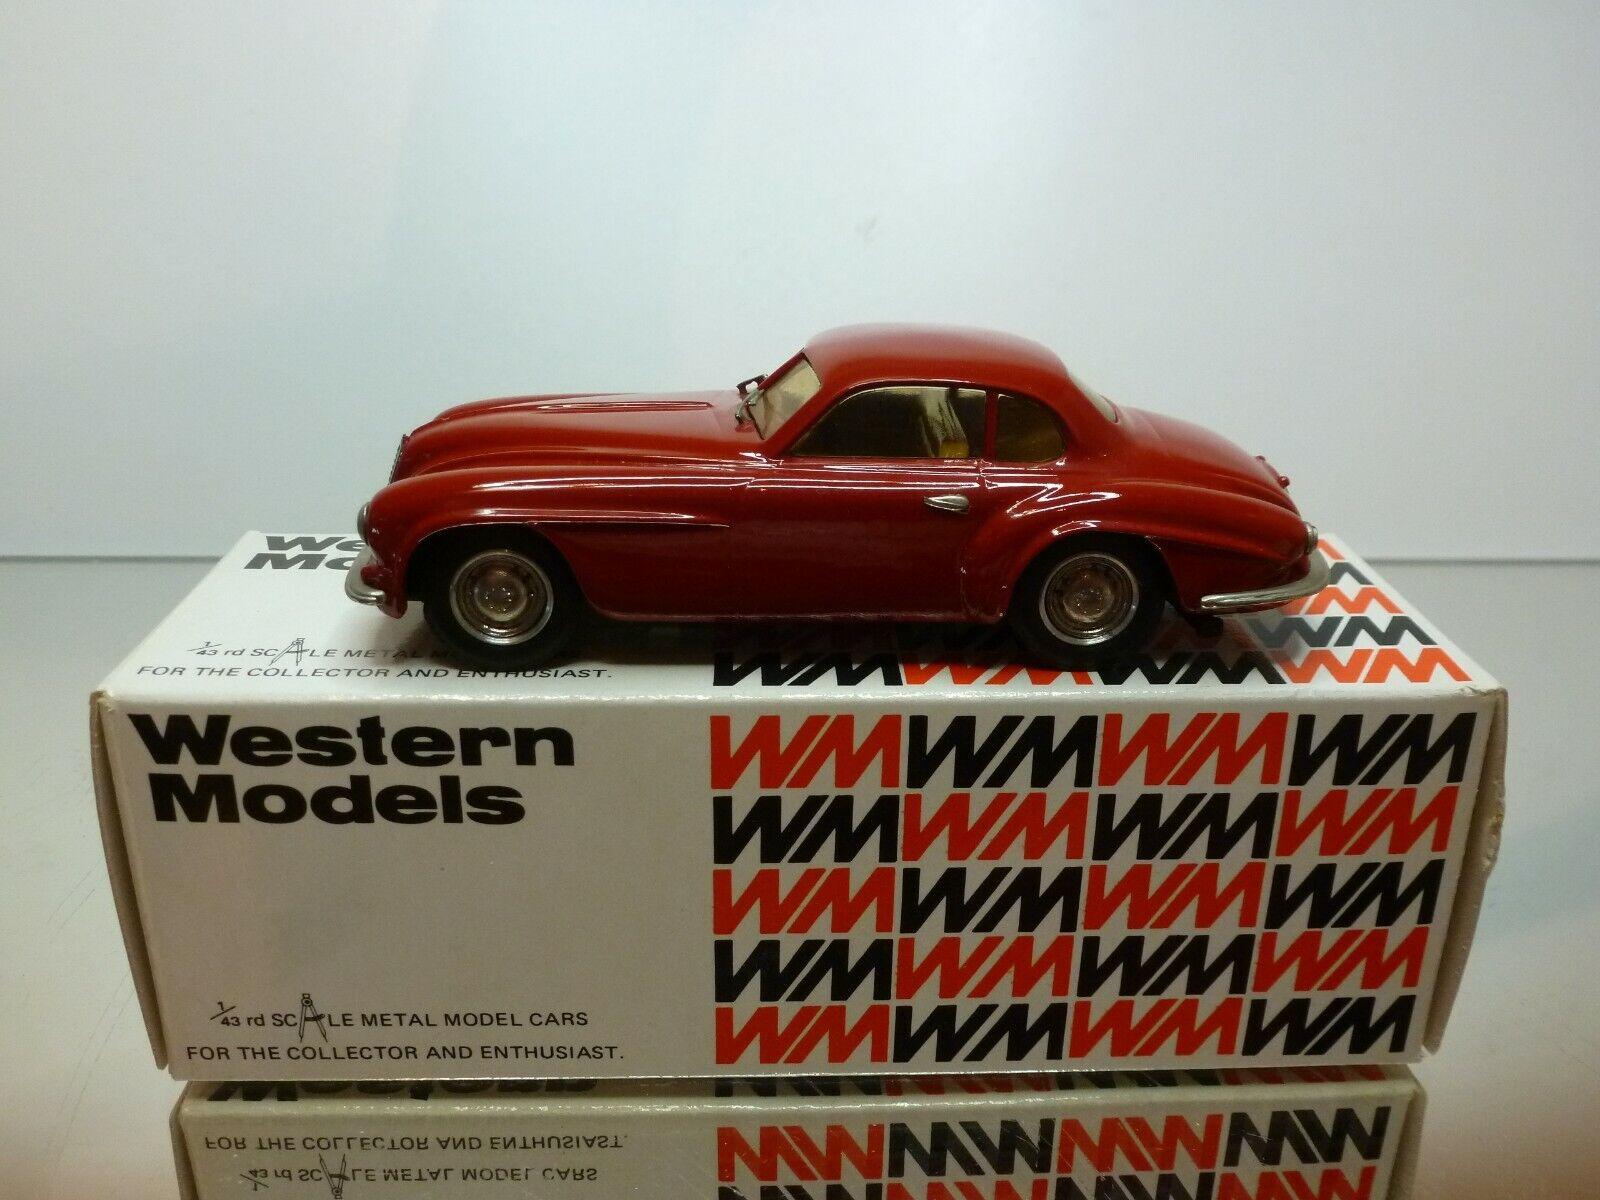 Venta en línea precio bajo descuento WESTERN MODELS ALFA ROMEO VILLA d'ESTE COUPE - rojo rojo rojo 1 43 - VERY GOOD IN BOX  ventas en linea